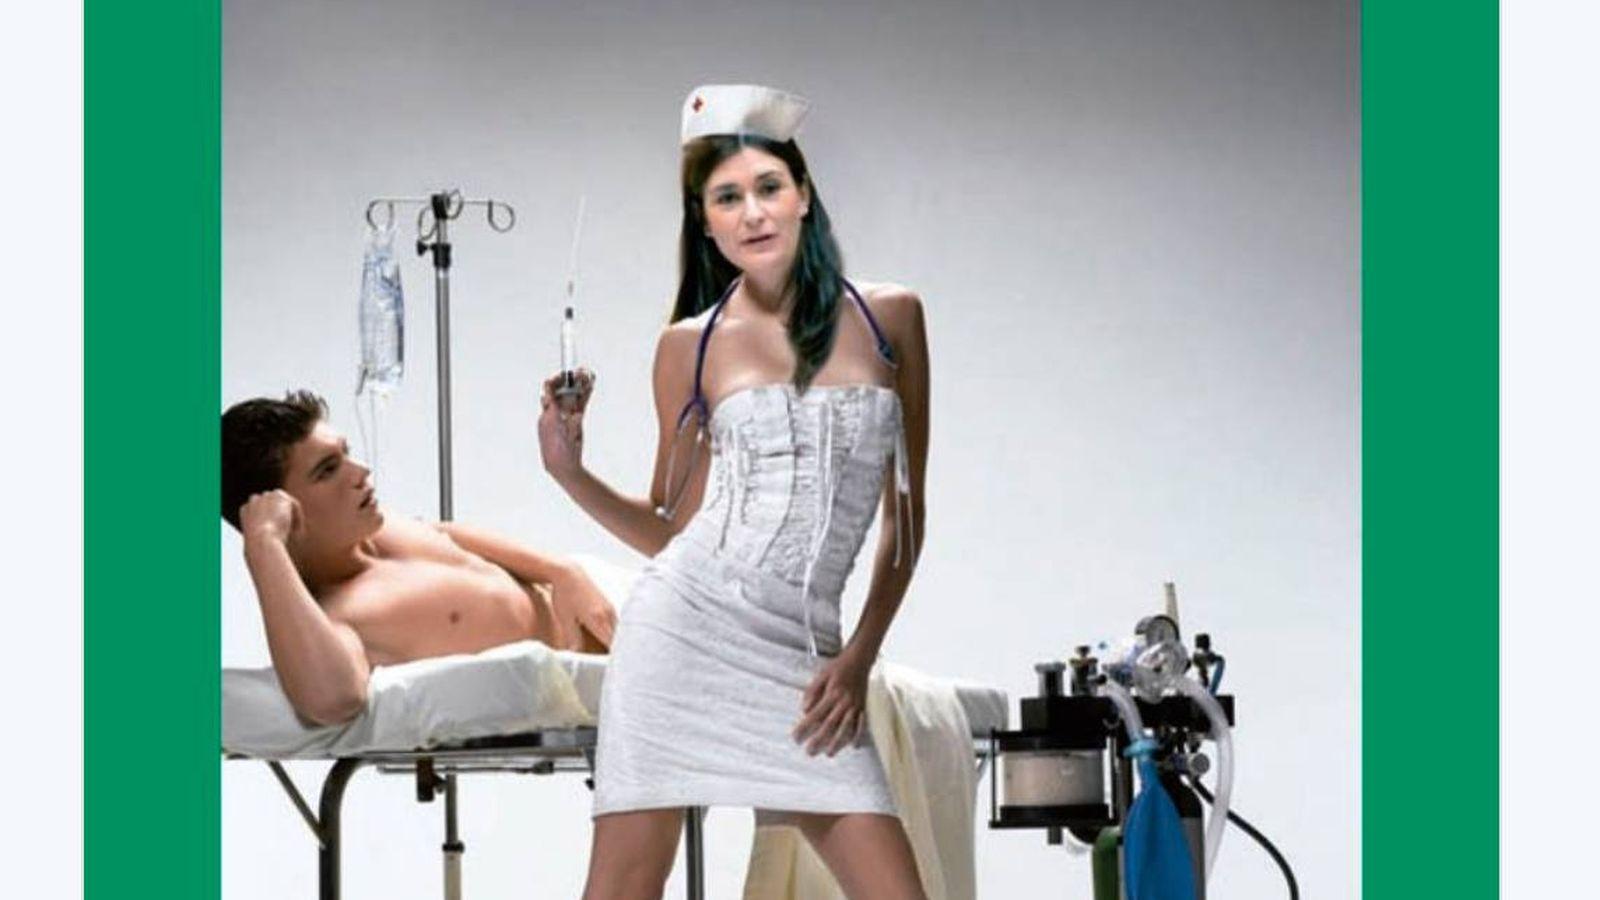 Foto: El avance del calendario de la Cartelera Turia muestra a Carmen Montón como enfermera con Corsé.